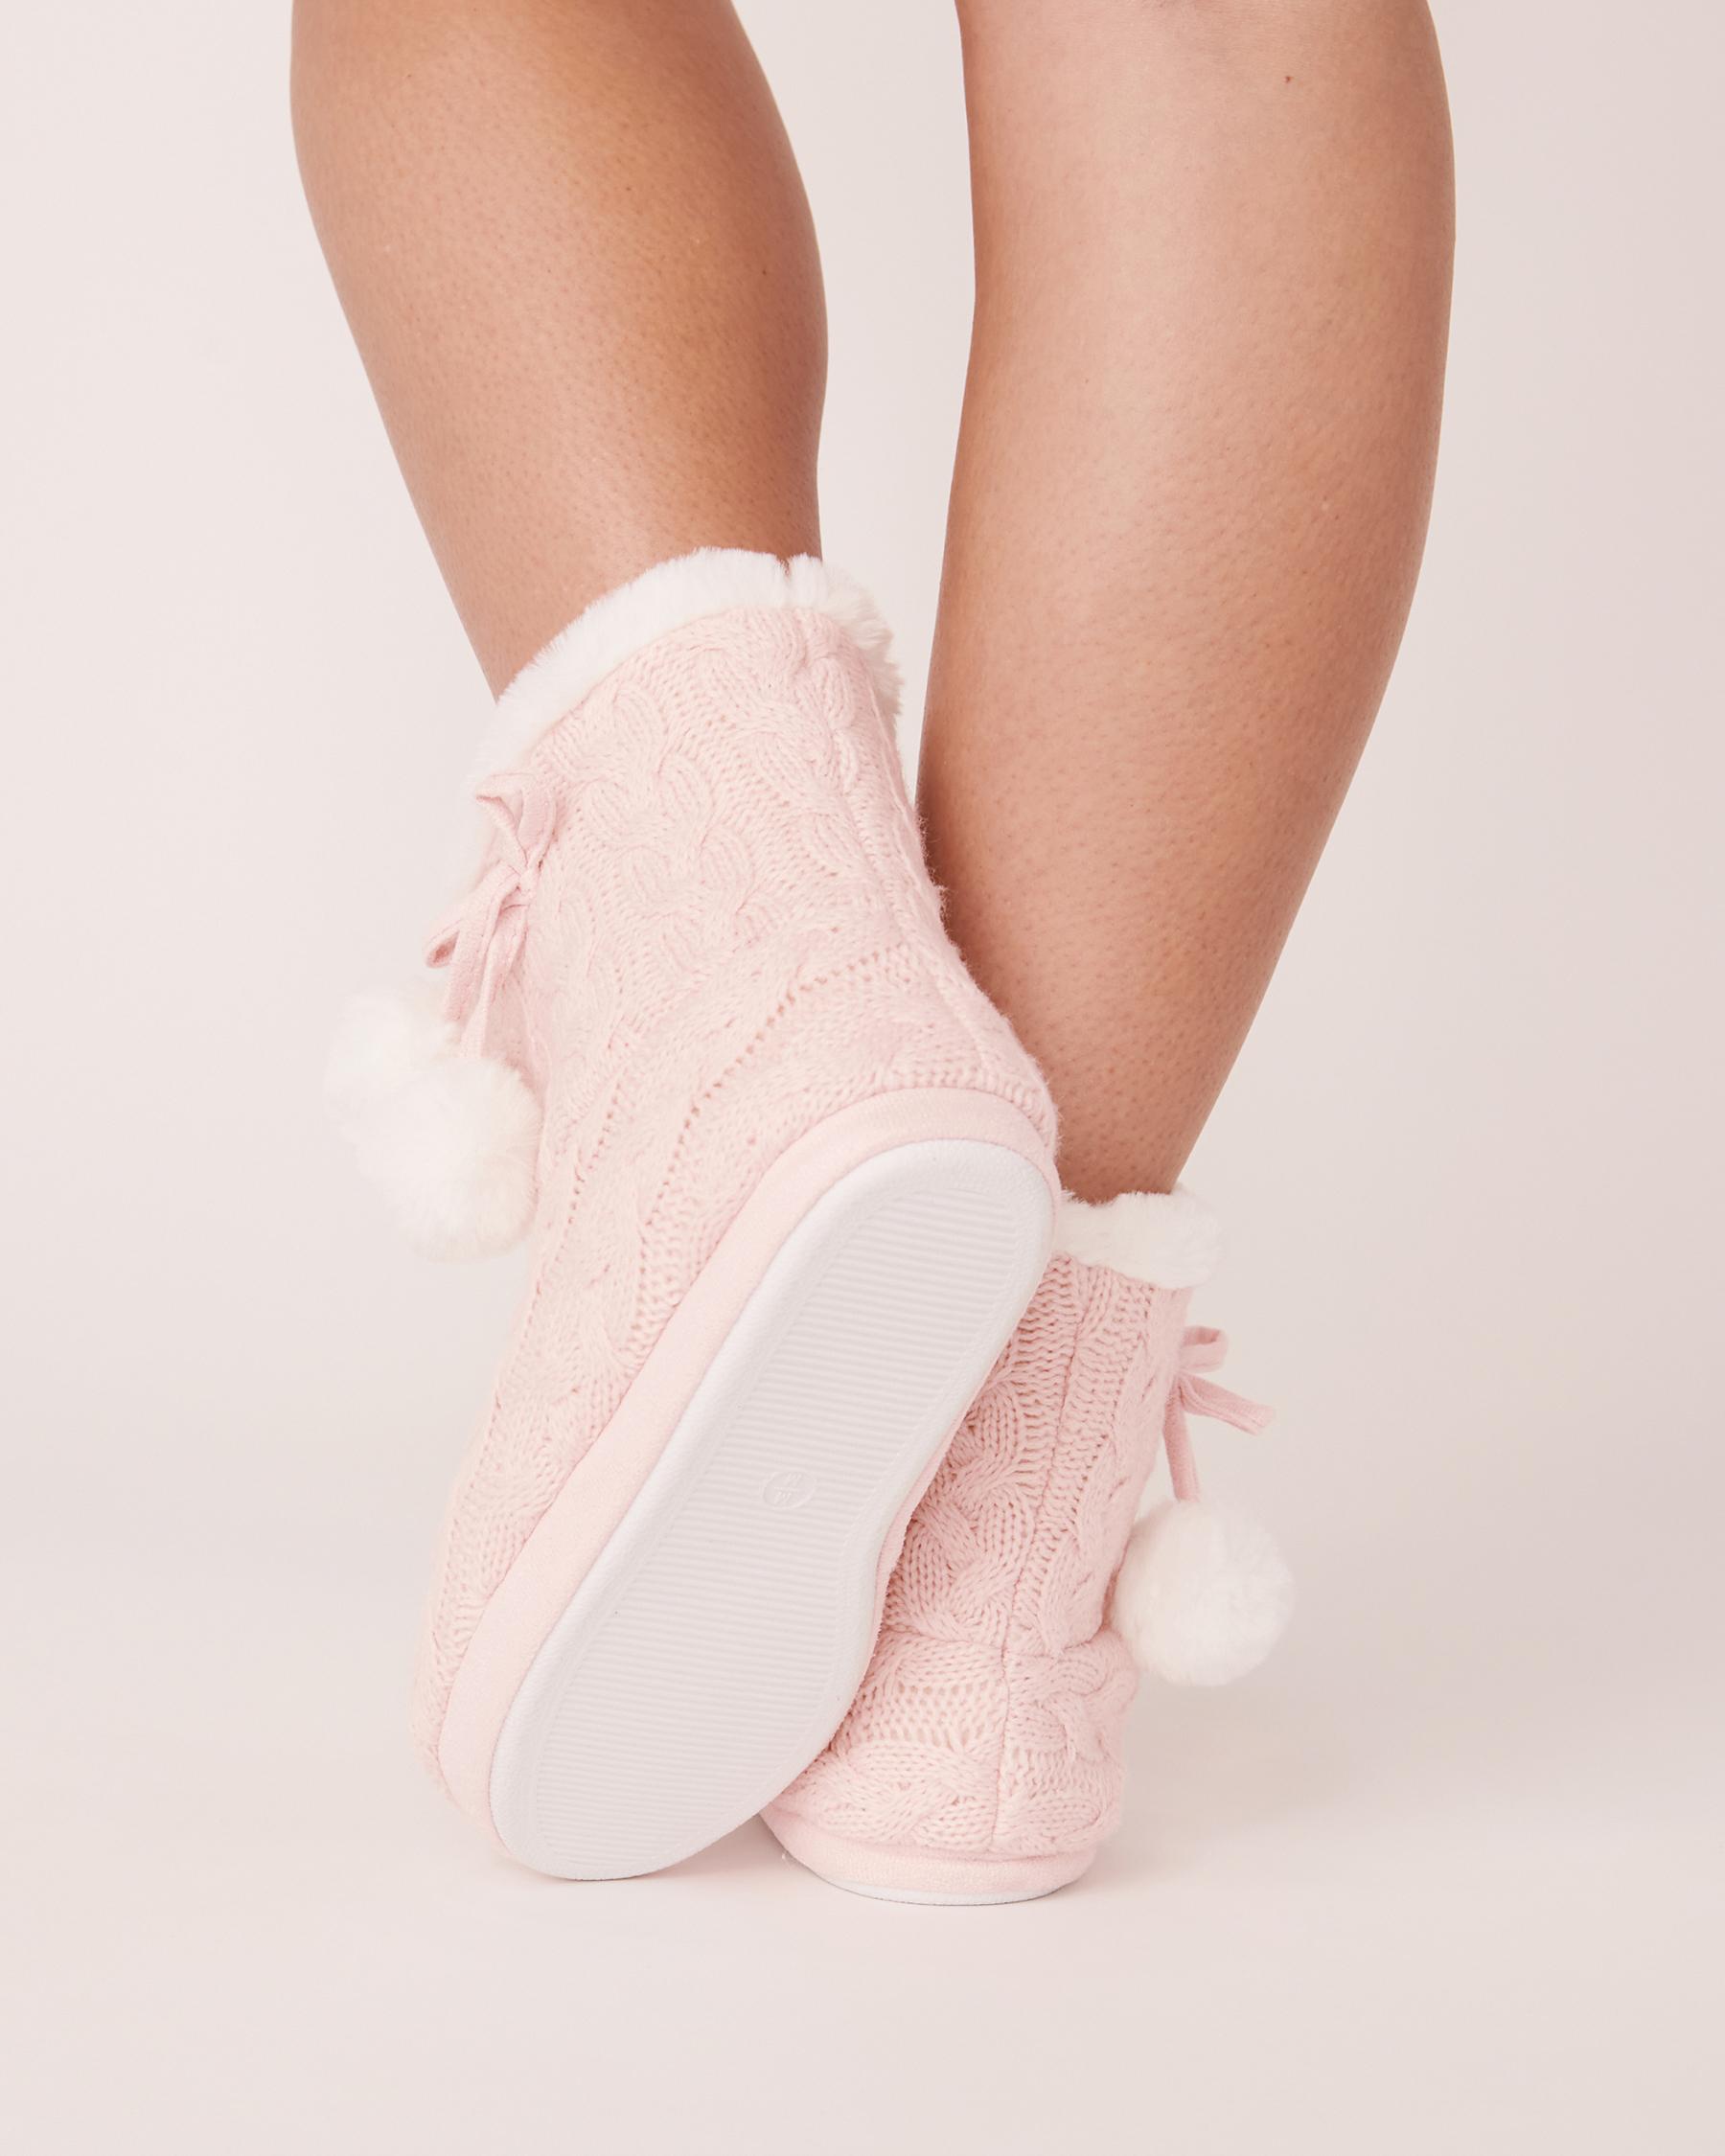 LA VIE EN ROSE Pompoms Bootie Slippers Light pink 40700075 - View2